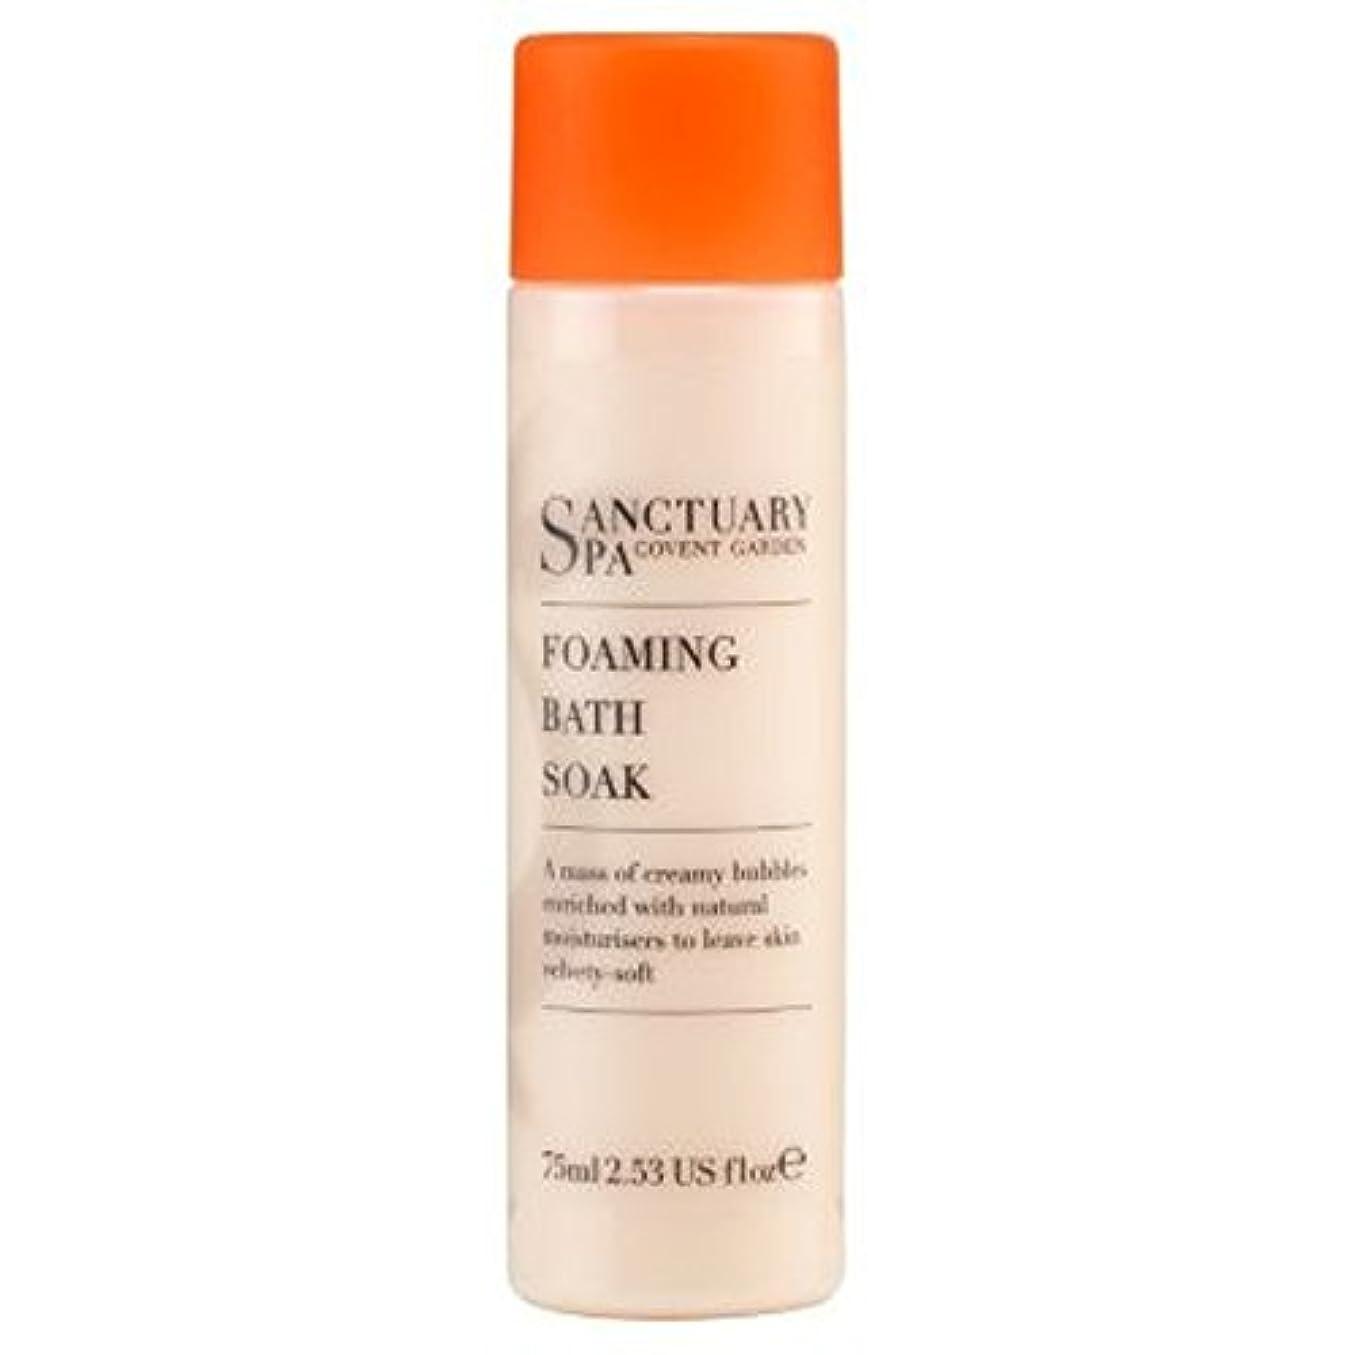 本質的ではない罰するテクスチャー聖域ミニ75ミリリットルを浸し風呂発泡 (Sanctuary) (x2) - Sanctuary mini Foaming Bath Soak 75ml (Pack of 2) [並行輸入品]